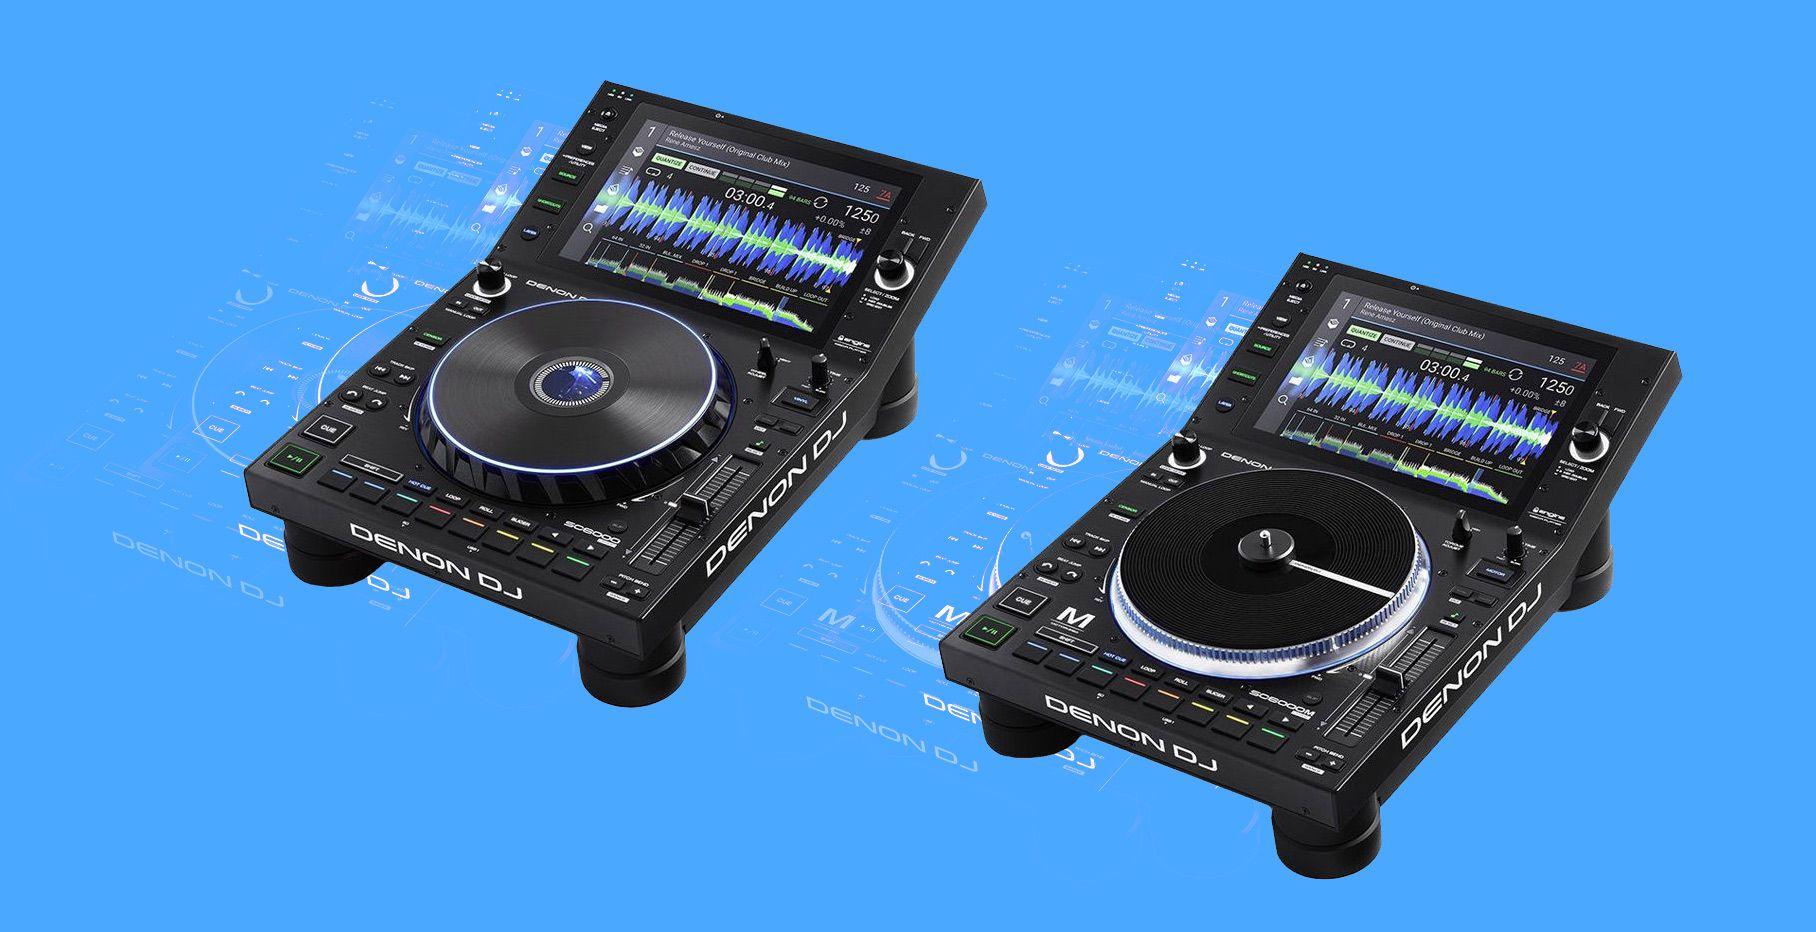 Denon DJ SC6000 review